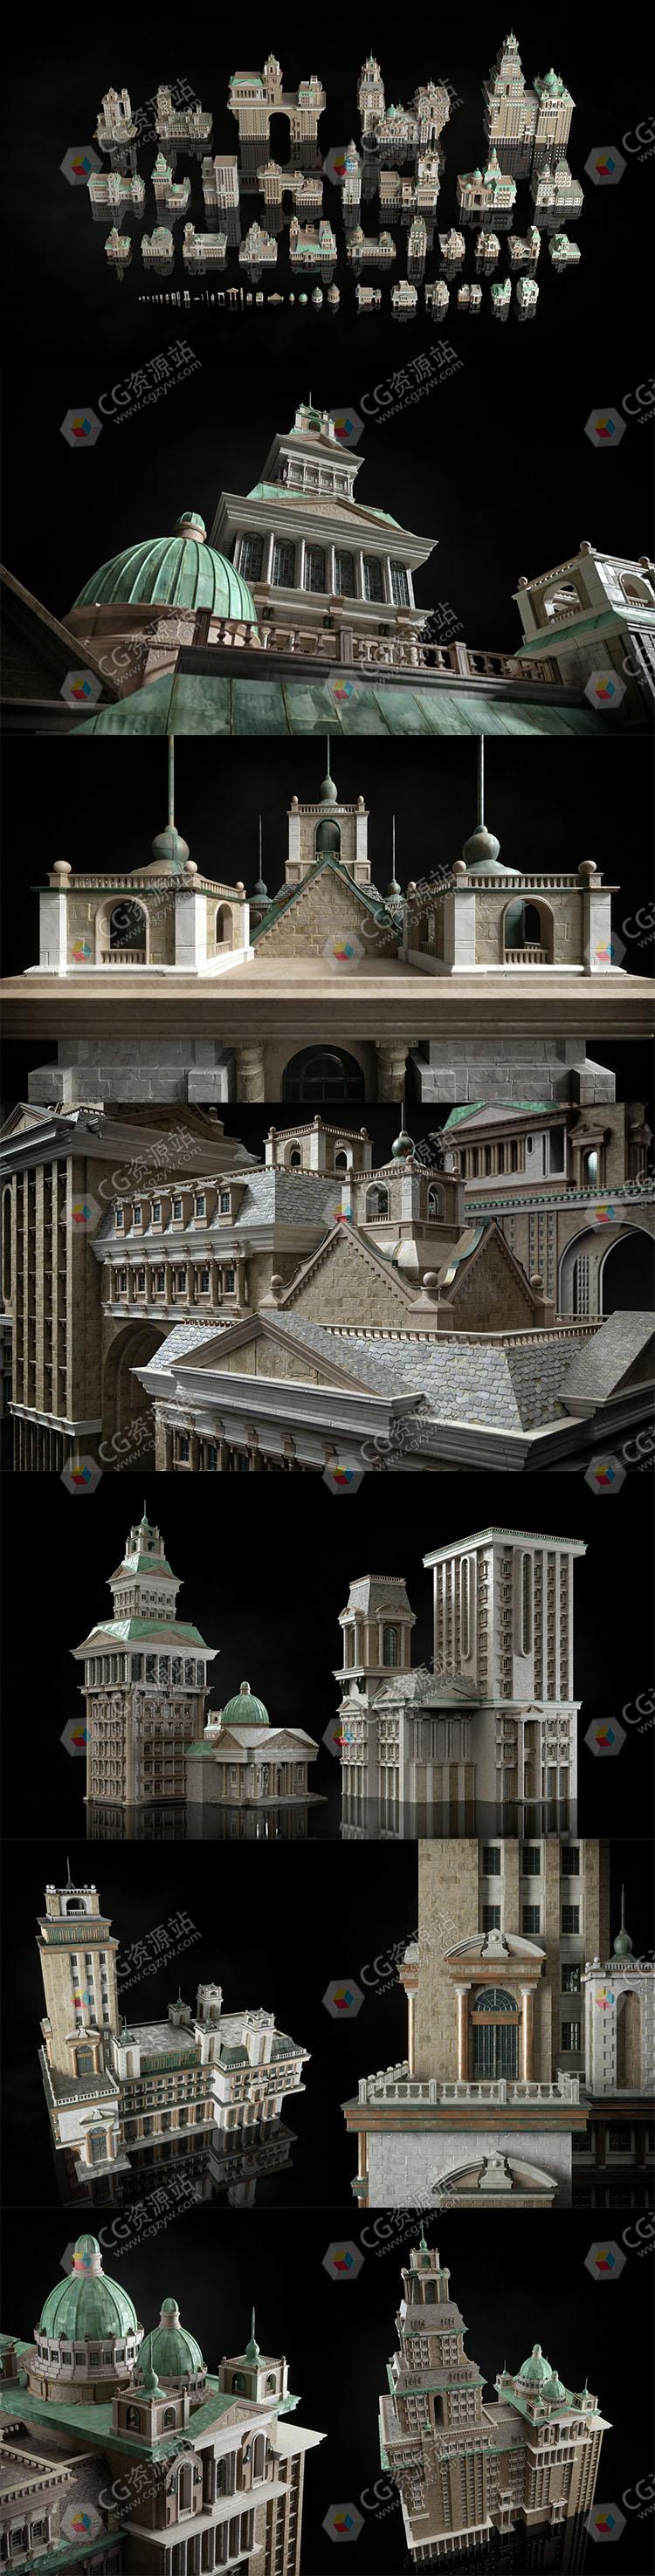 历史古典幻想城市楼房建筑3D模型 C4D/FBX/OBJ/MAX/Maya/Blender等